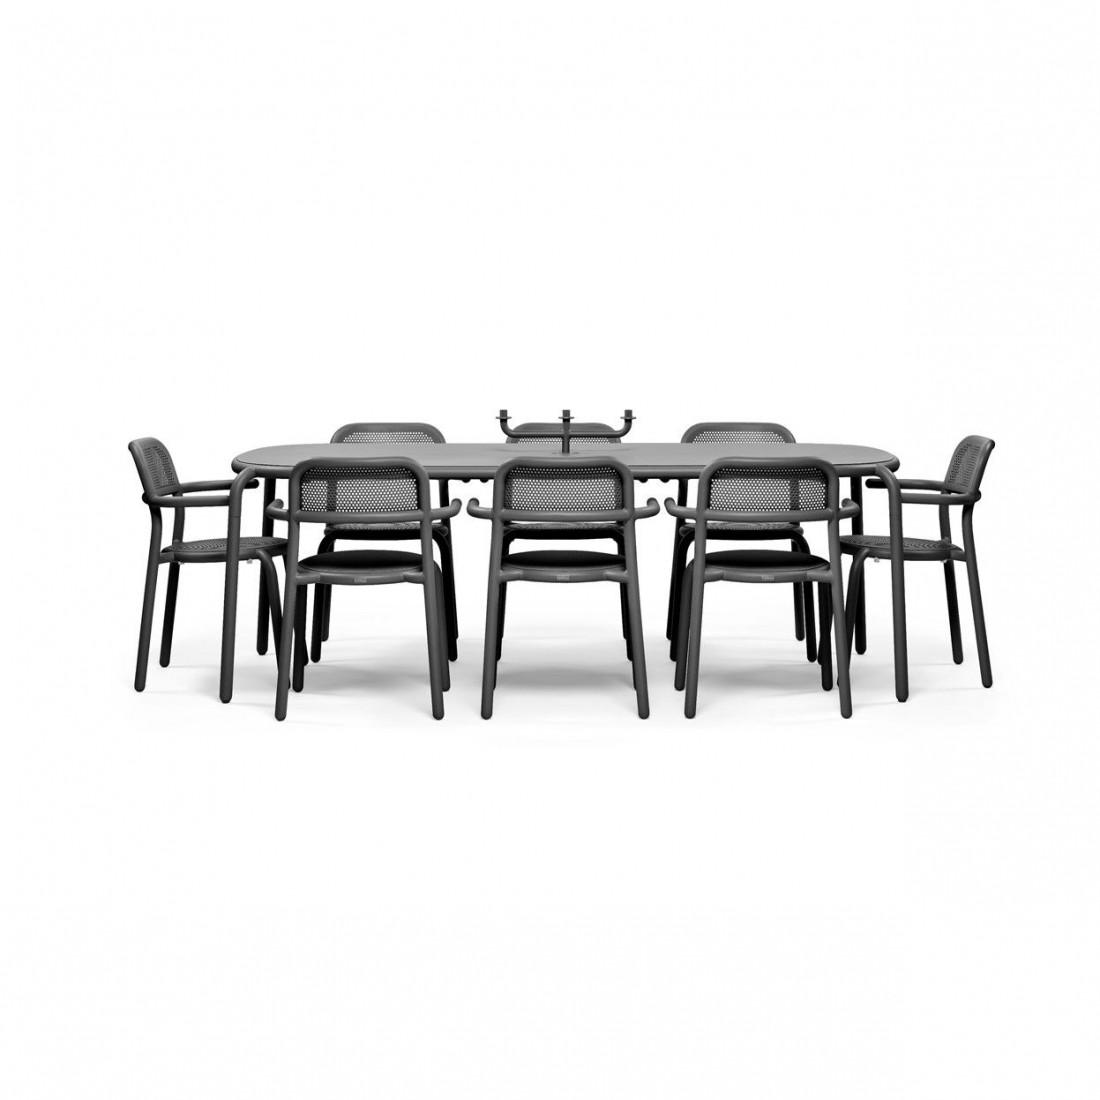 Table Toní Fatboy